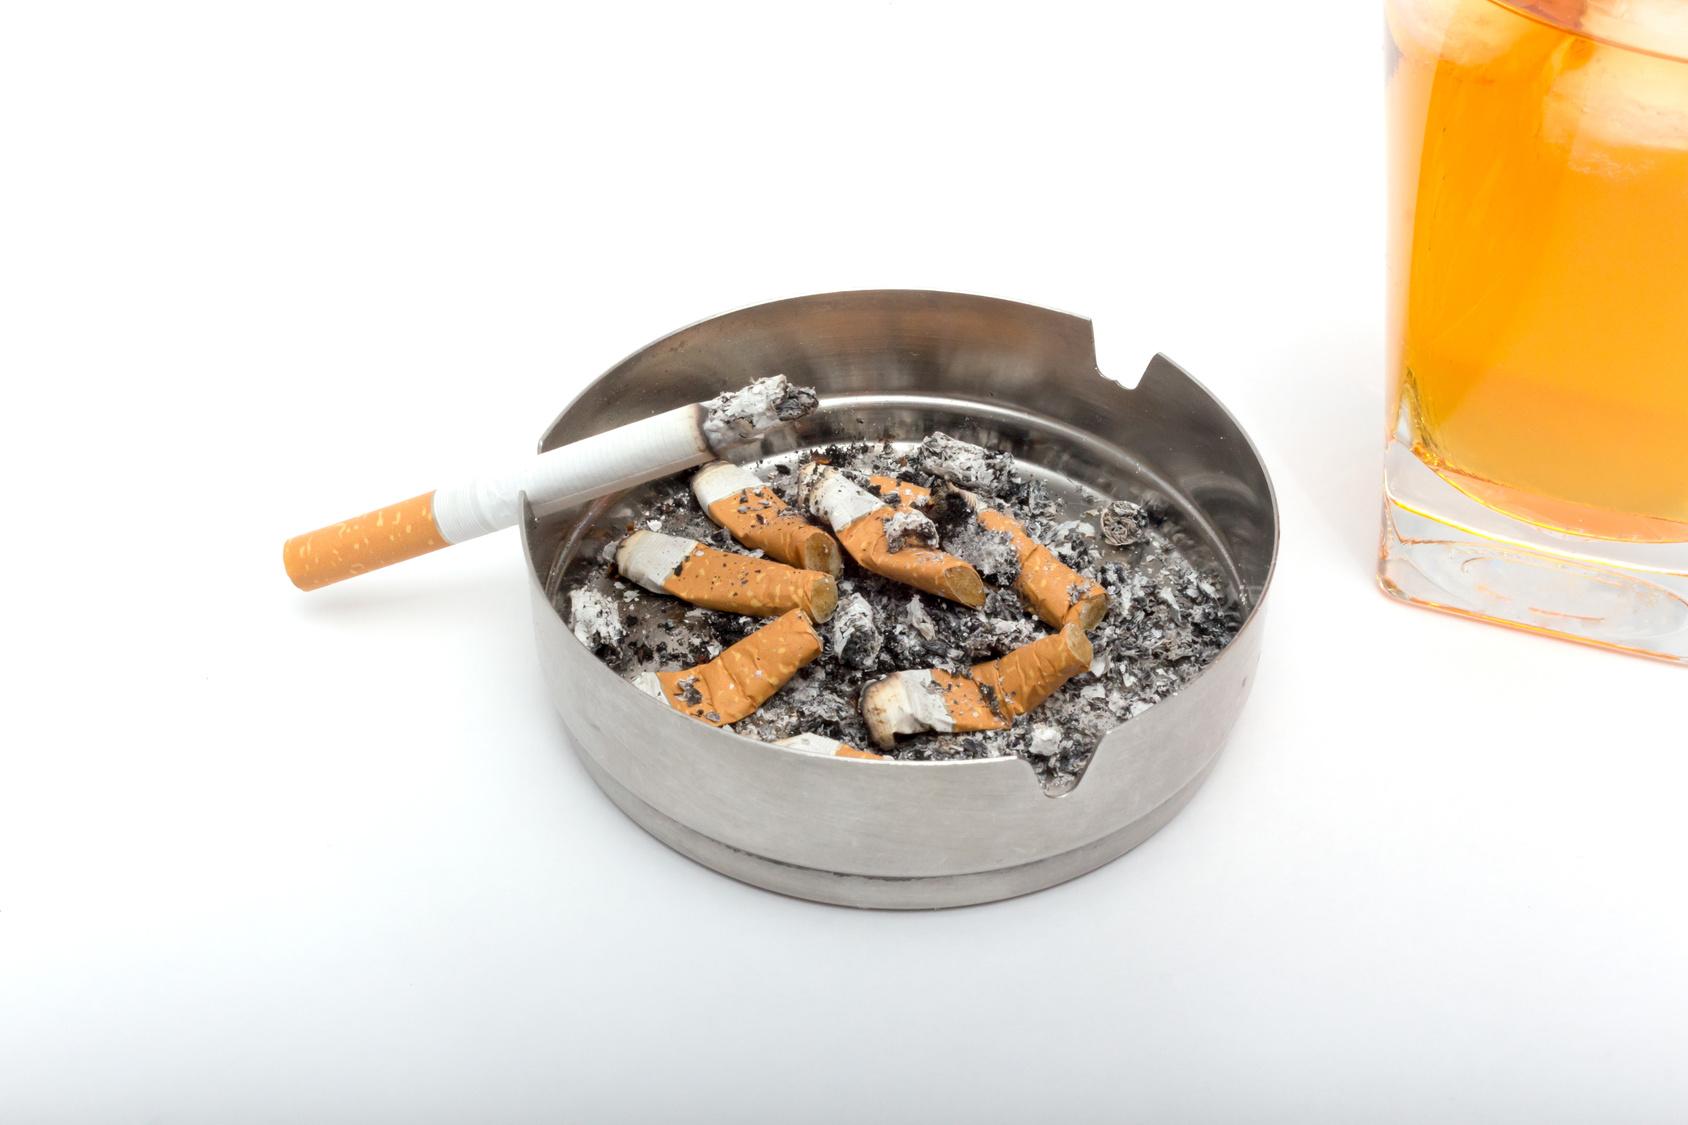 節約するなら酒、タバコは止めよう